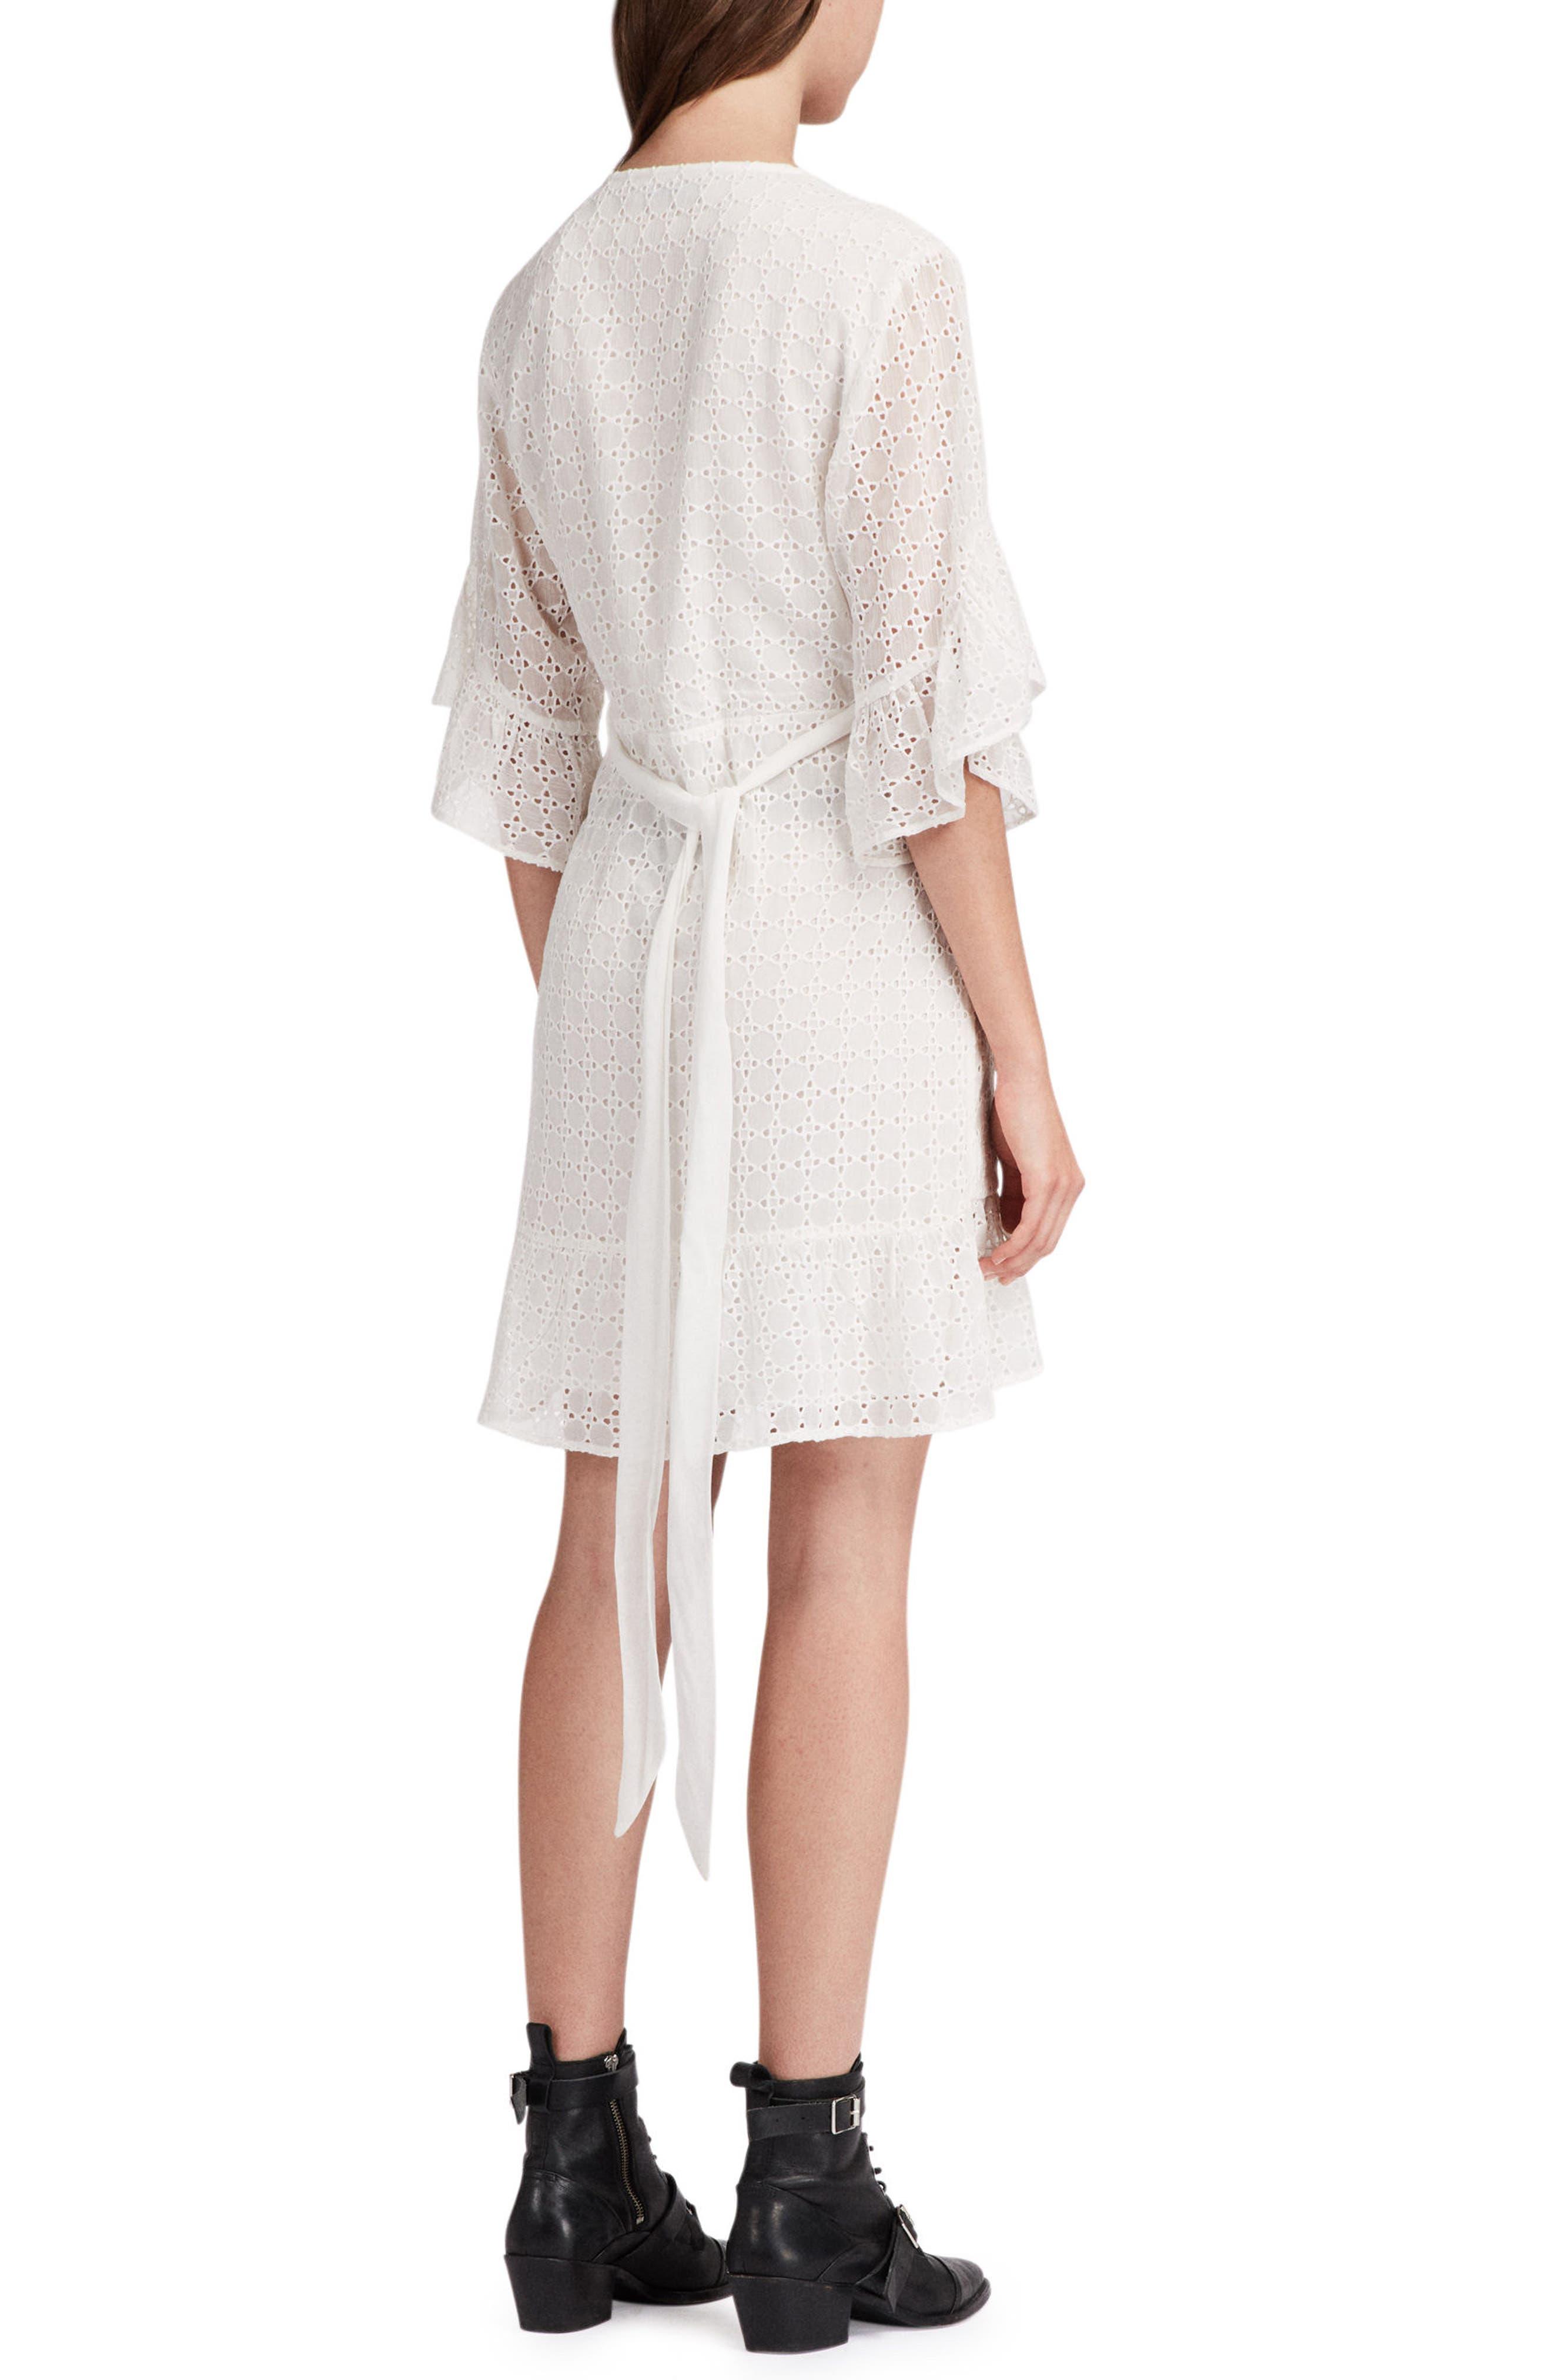 Marlow Ette Dress,                             Alternate thumbnail 2, color,                             111